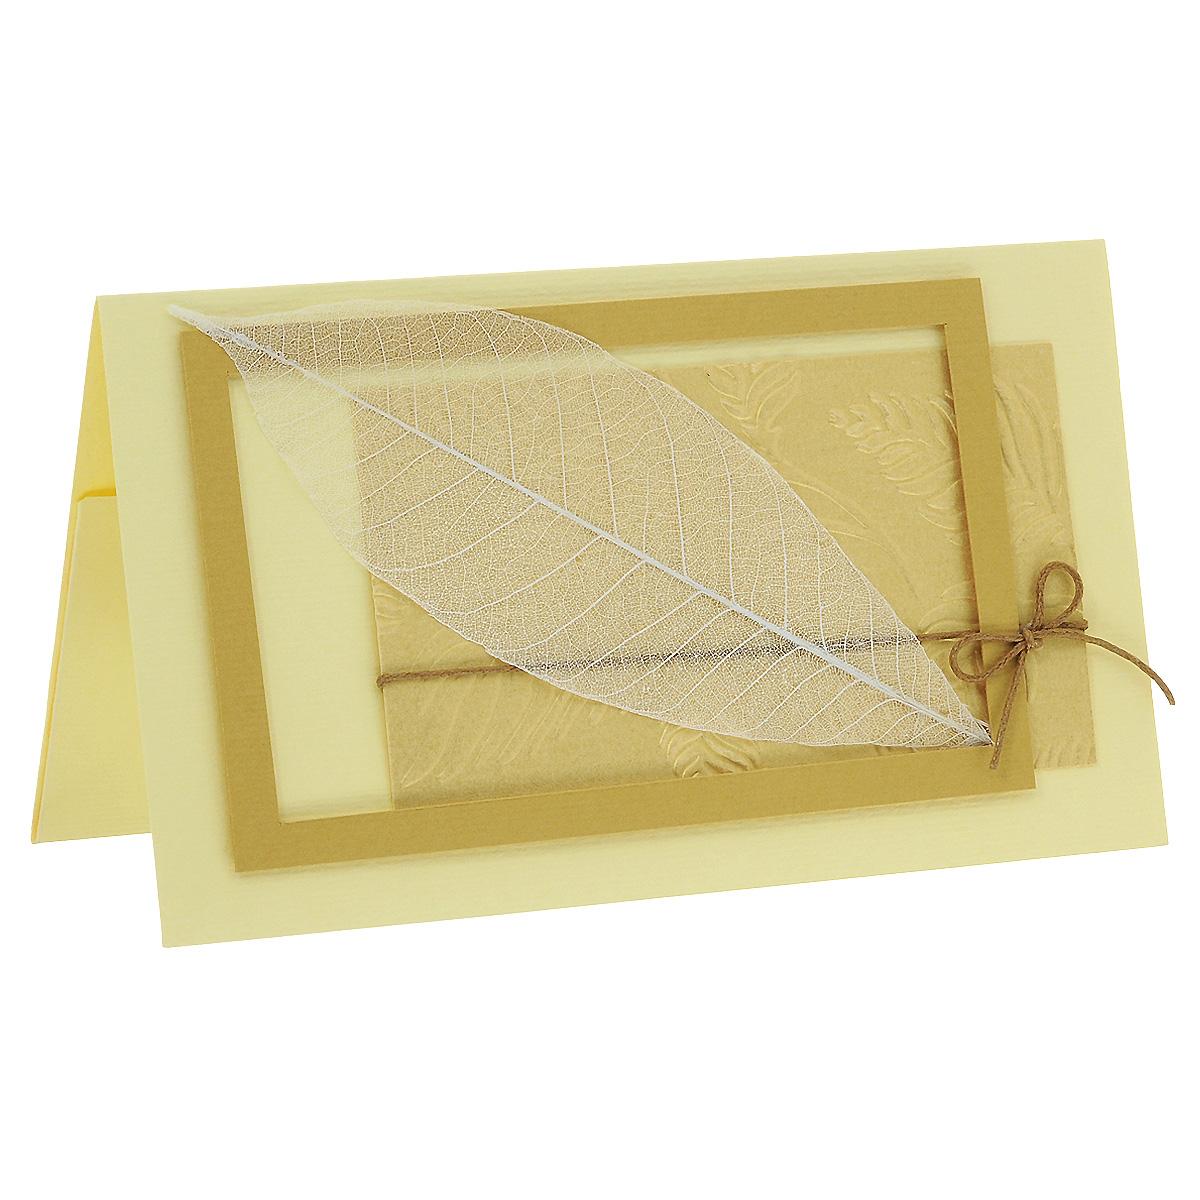 ОРАЗ-0006 Открытка-конверт (скелетированный лист). Студия «Тётя Роза»94968Характеристики: Размер 19 см x 11 см.Материал: Высоко-художественный картон, бумага, декор. Данная открытка может стать как прекрасным дополнением к вашему подарку, так и самостоятельным подарком. Так как открытка является и конвертом, в который вы можете вложить ваш денежный подарок или просто написать ваши пожелания на вкладыше. Природная чистота и выразительность сохранена в нежном ажуре скелетированного листа, помещенного в золотую рамочку на рельефном фоне. Бежево-золотая гамма открытки придает ей изысканное благородство. Также открытка упакована в пакетик для сохранности.Обращаем Ваше внимание на то, что открытка может незначительно отличаться от представленной на фото.Открытки ручной работы от студии Тётя Роза отличаются своим неповторимым и ярким стилем. Каждая уникальна и выполнена вручную мастерами студии. (Открытка для мужчин, открытка для женщины, открытка на день рождения, открытка с днем свадьбы, открытка винтаж, открытка с юбилеем, открытка на все случаи, скрапбукинг)